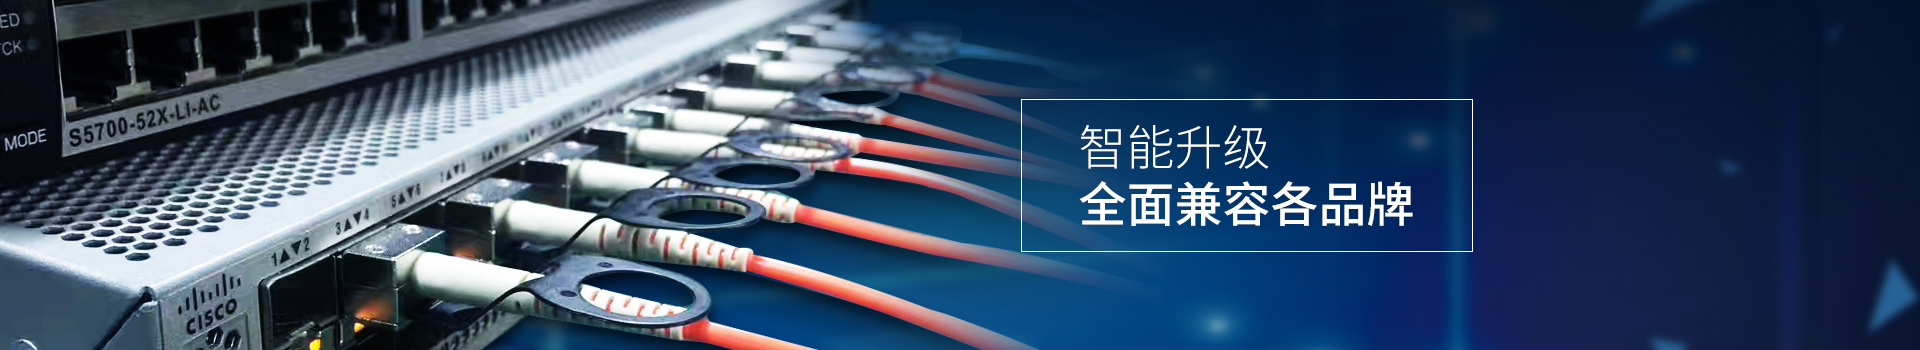 睿海光电-智能升级  全面兼容各品牌